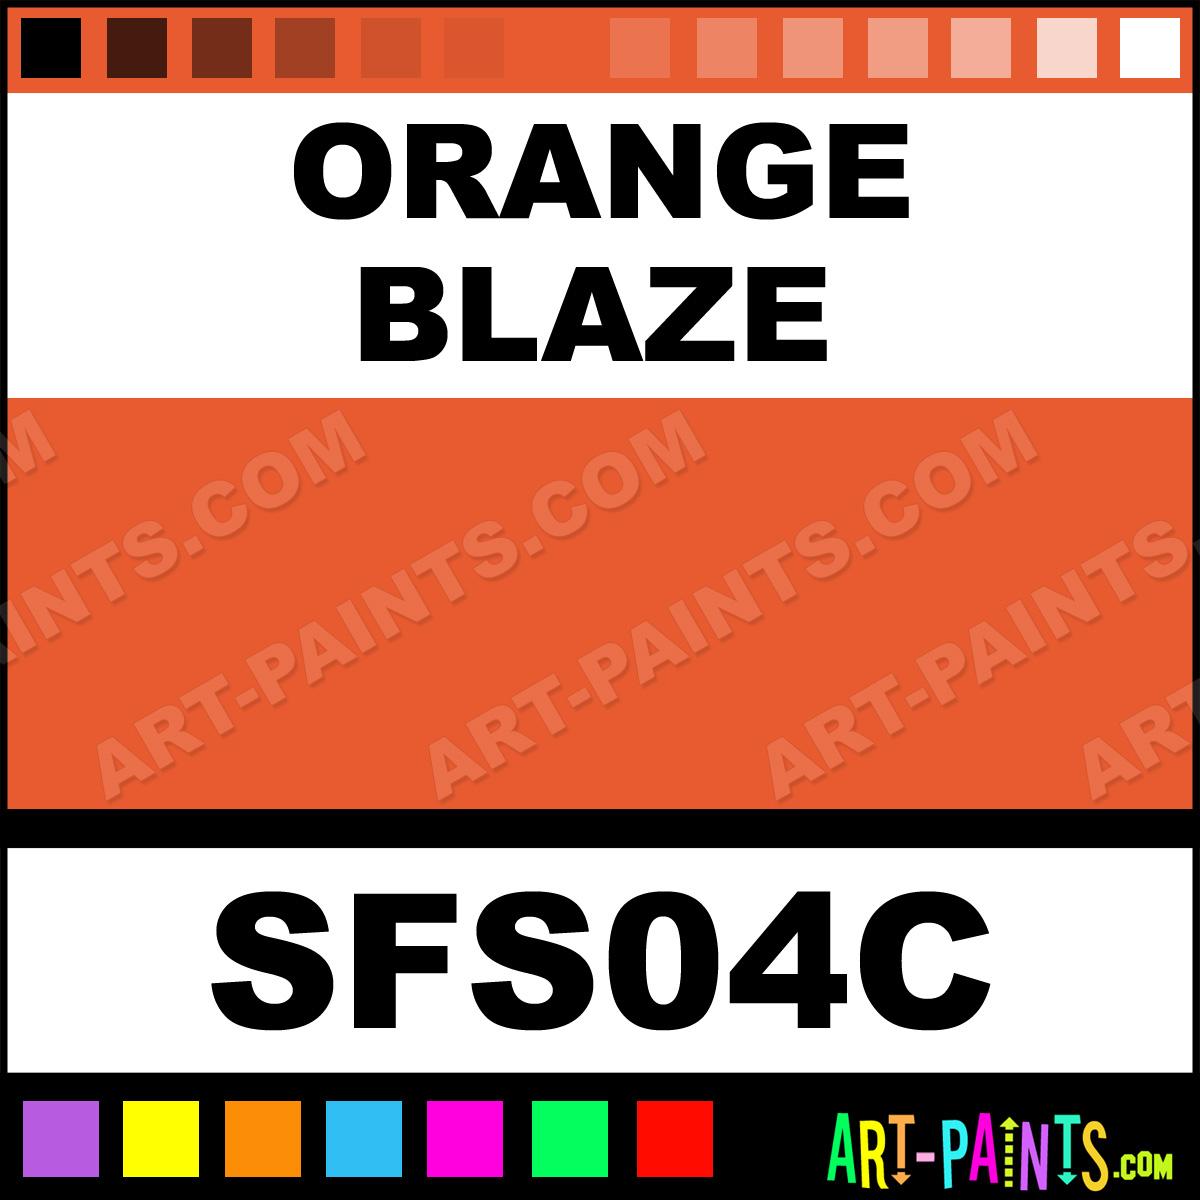 Orange Blaze Fashion Sequins Writer Fabric Textile Paints